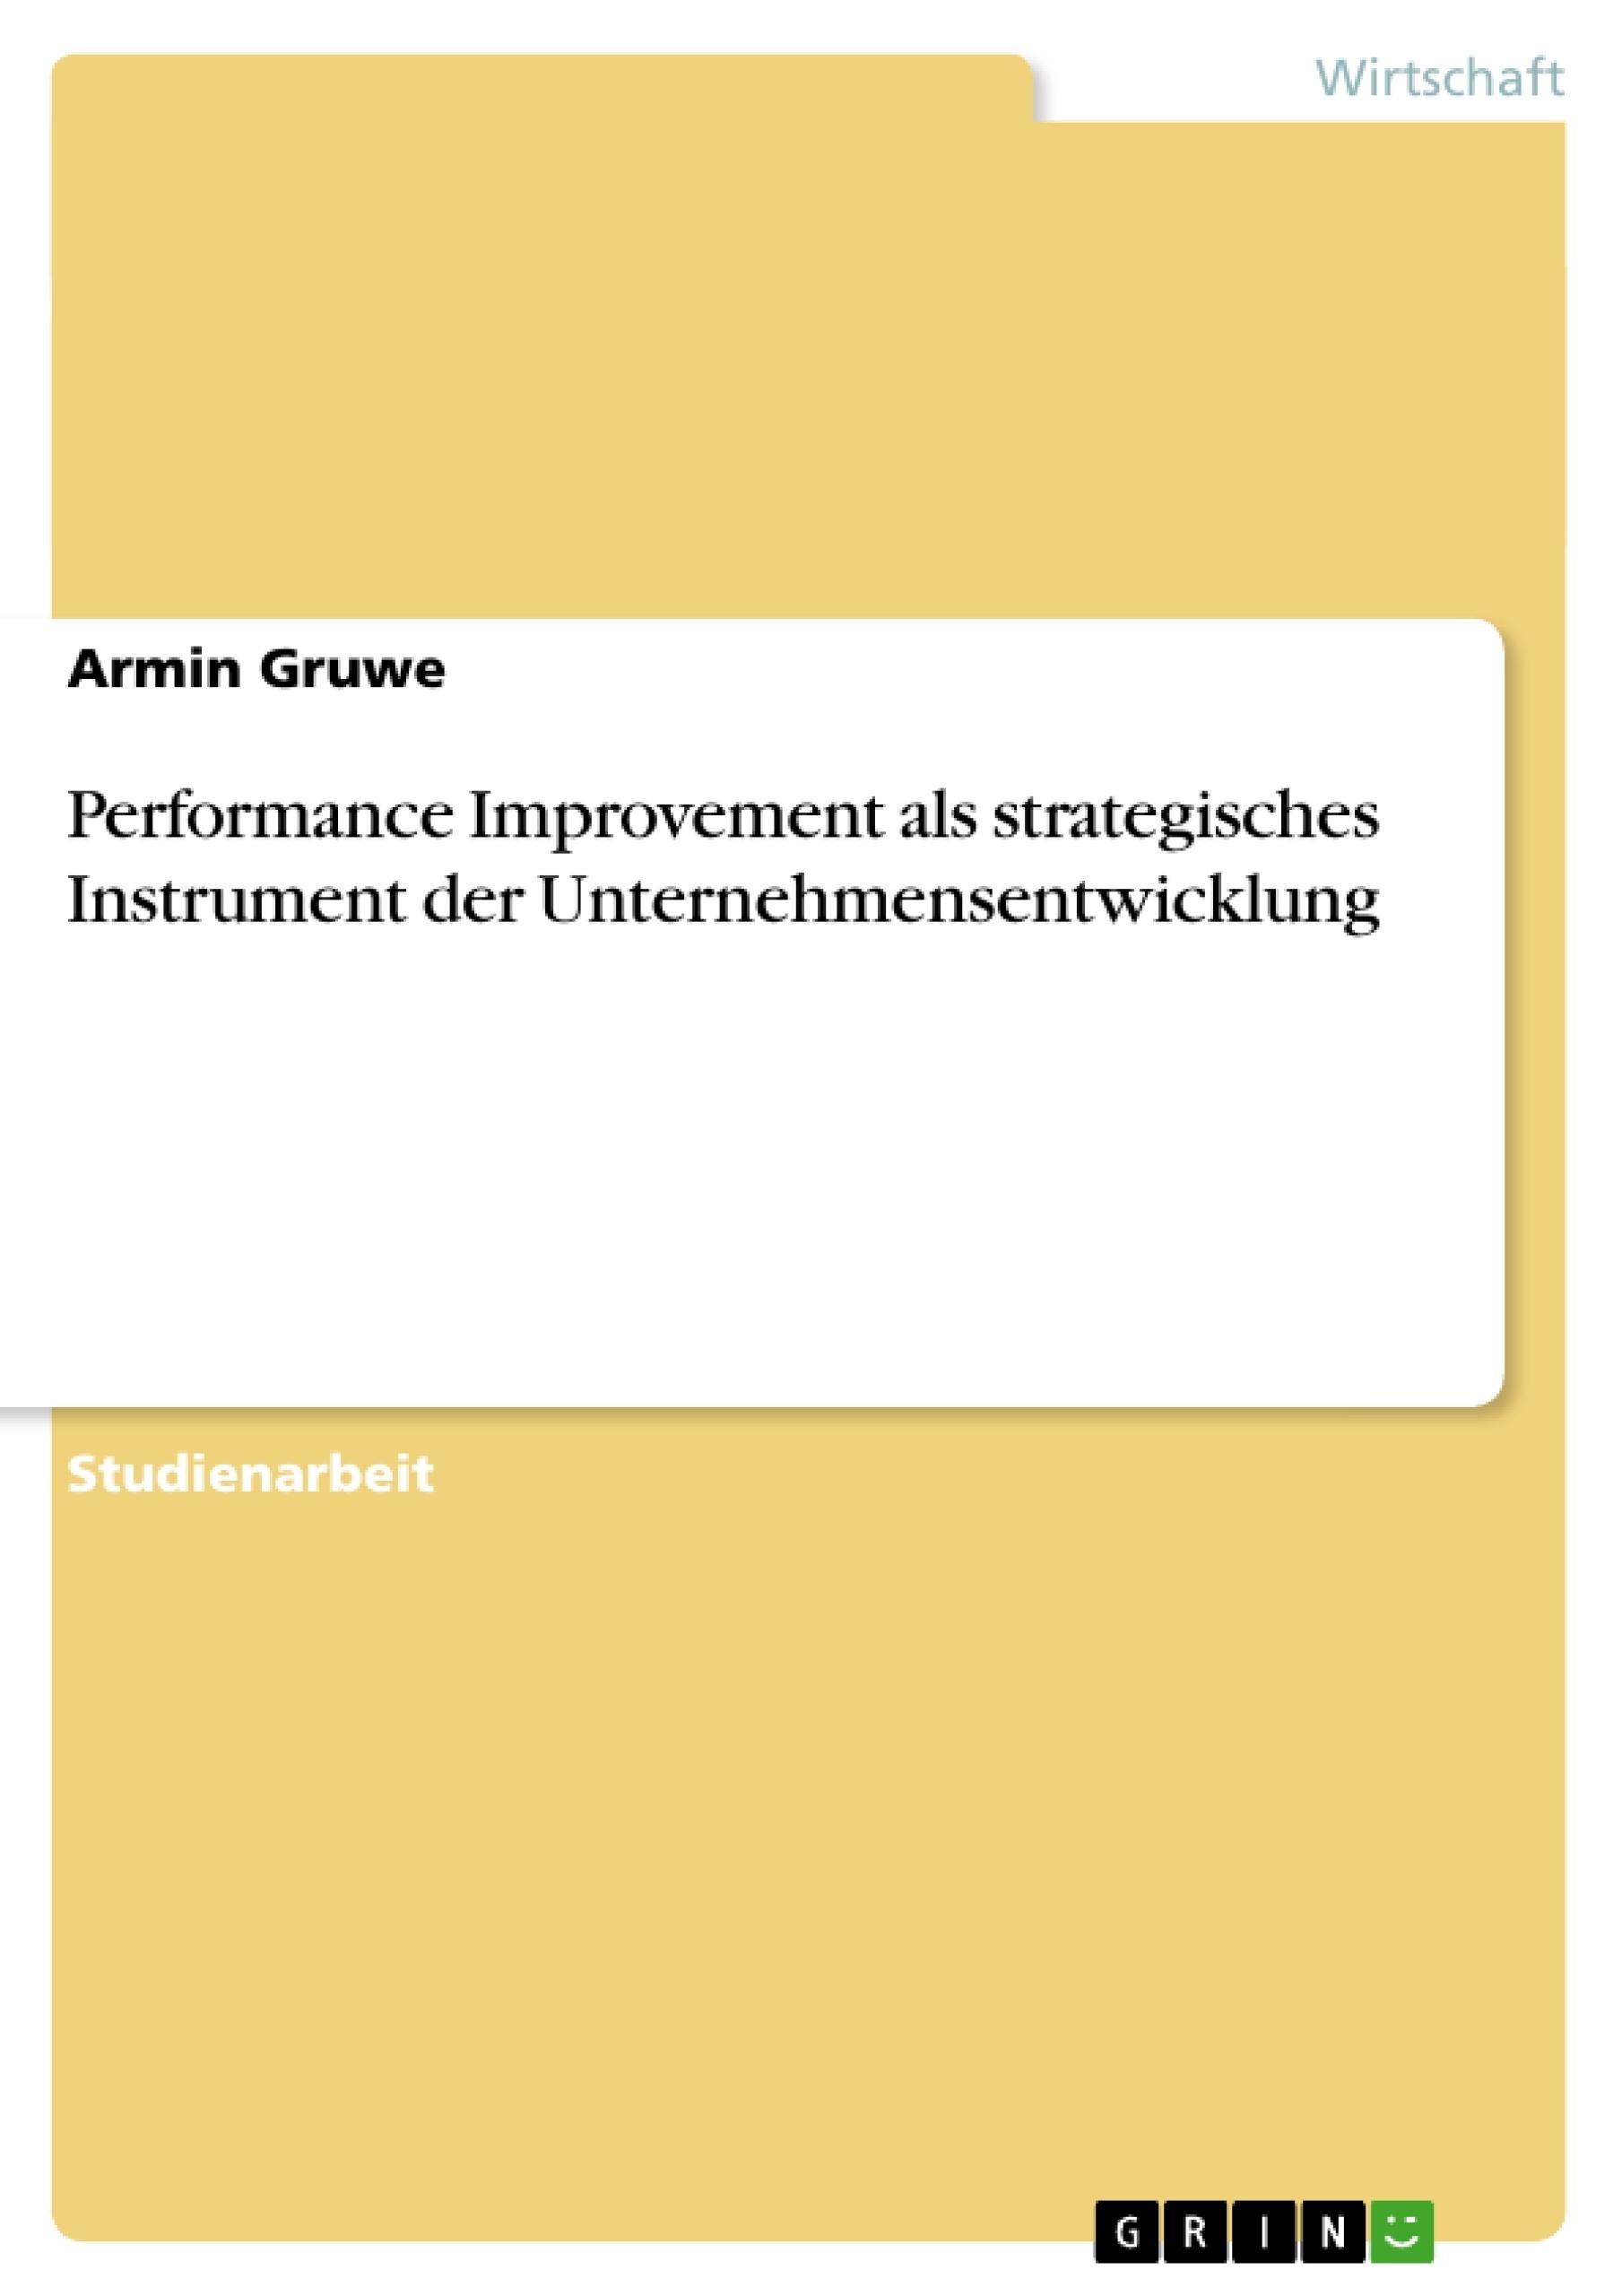 Titel: Performance Improvement als strategisches Instrument der Unternehmensentwicklung